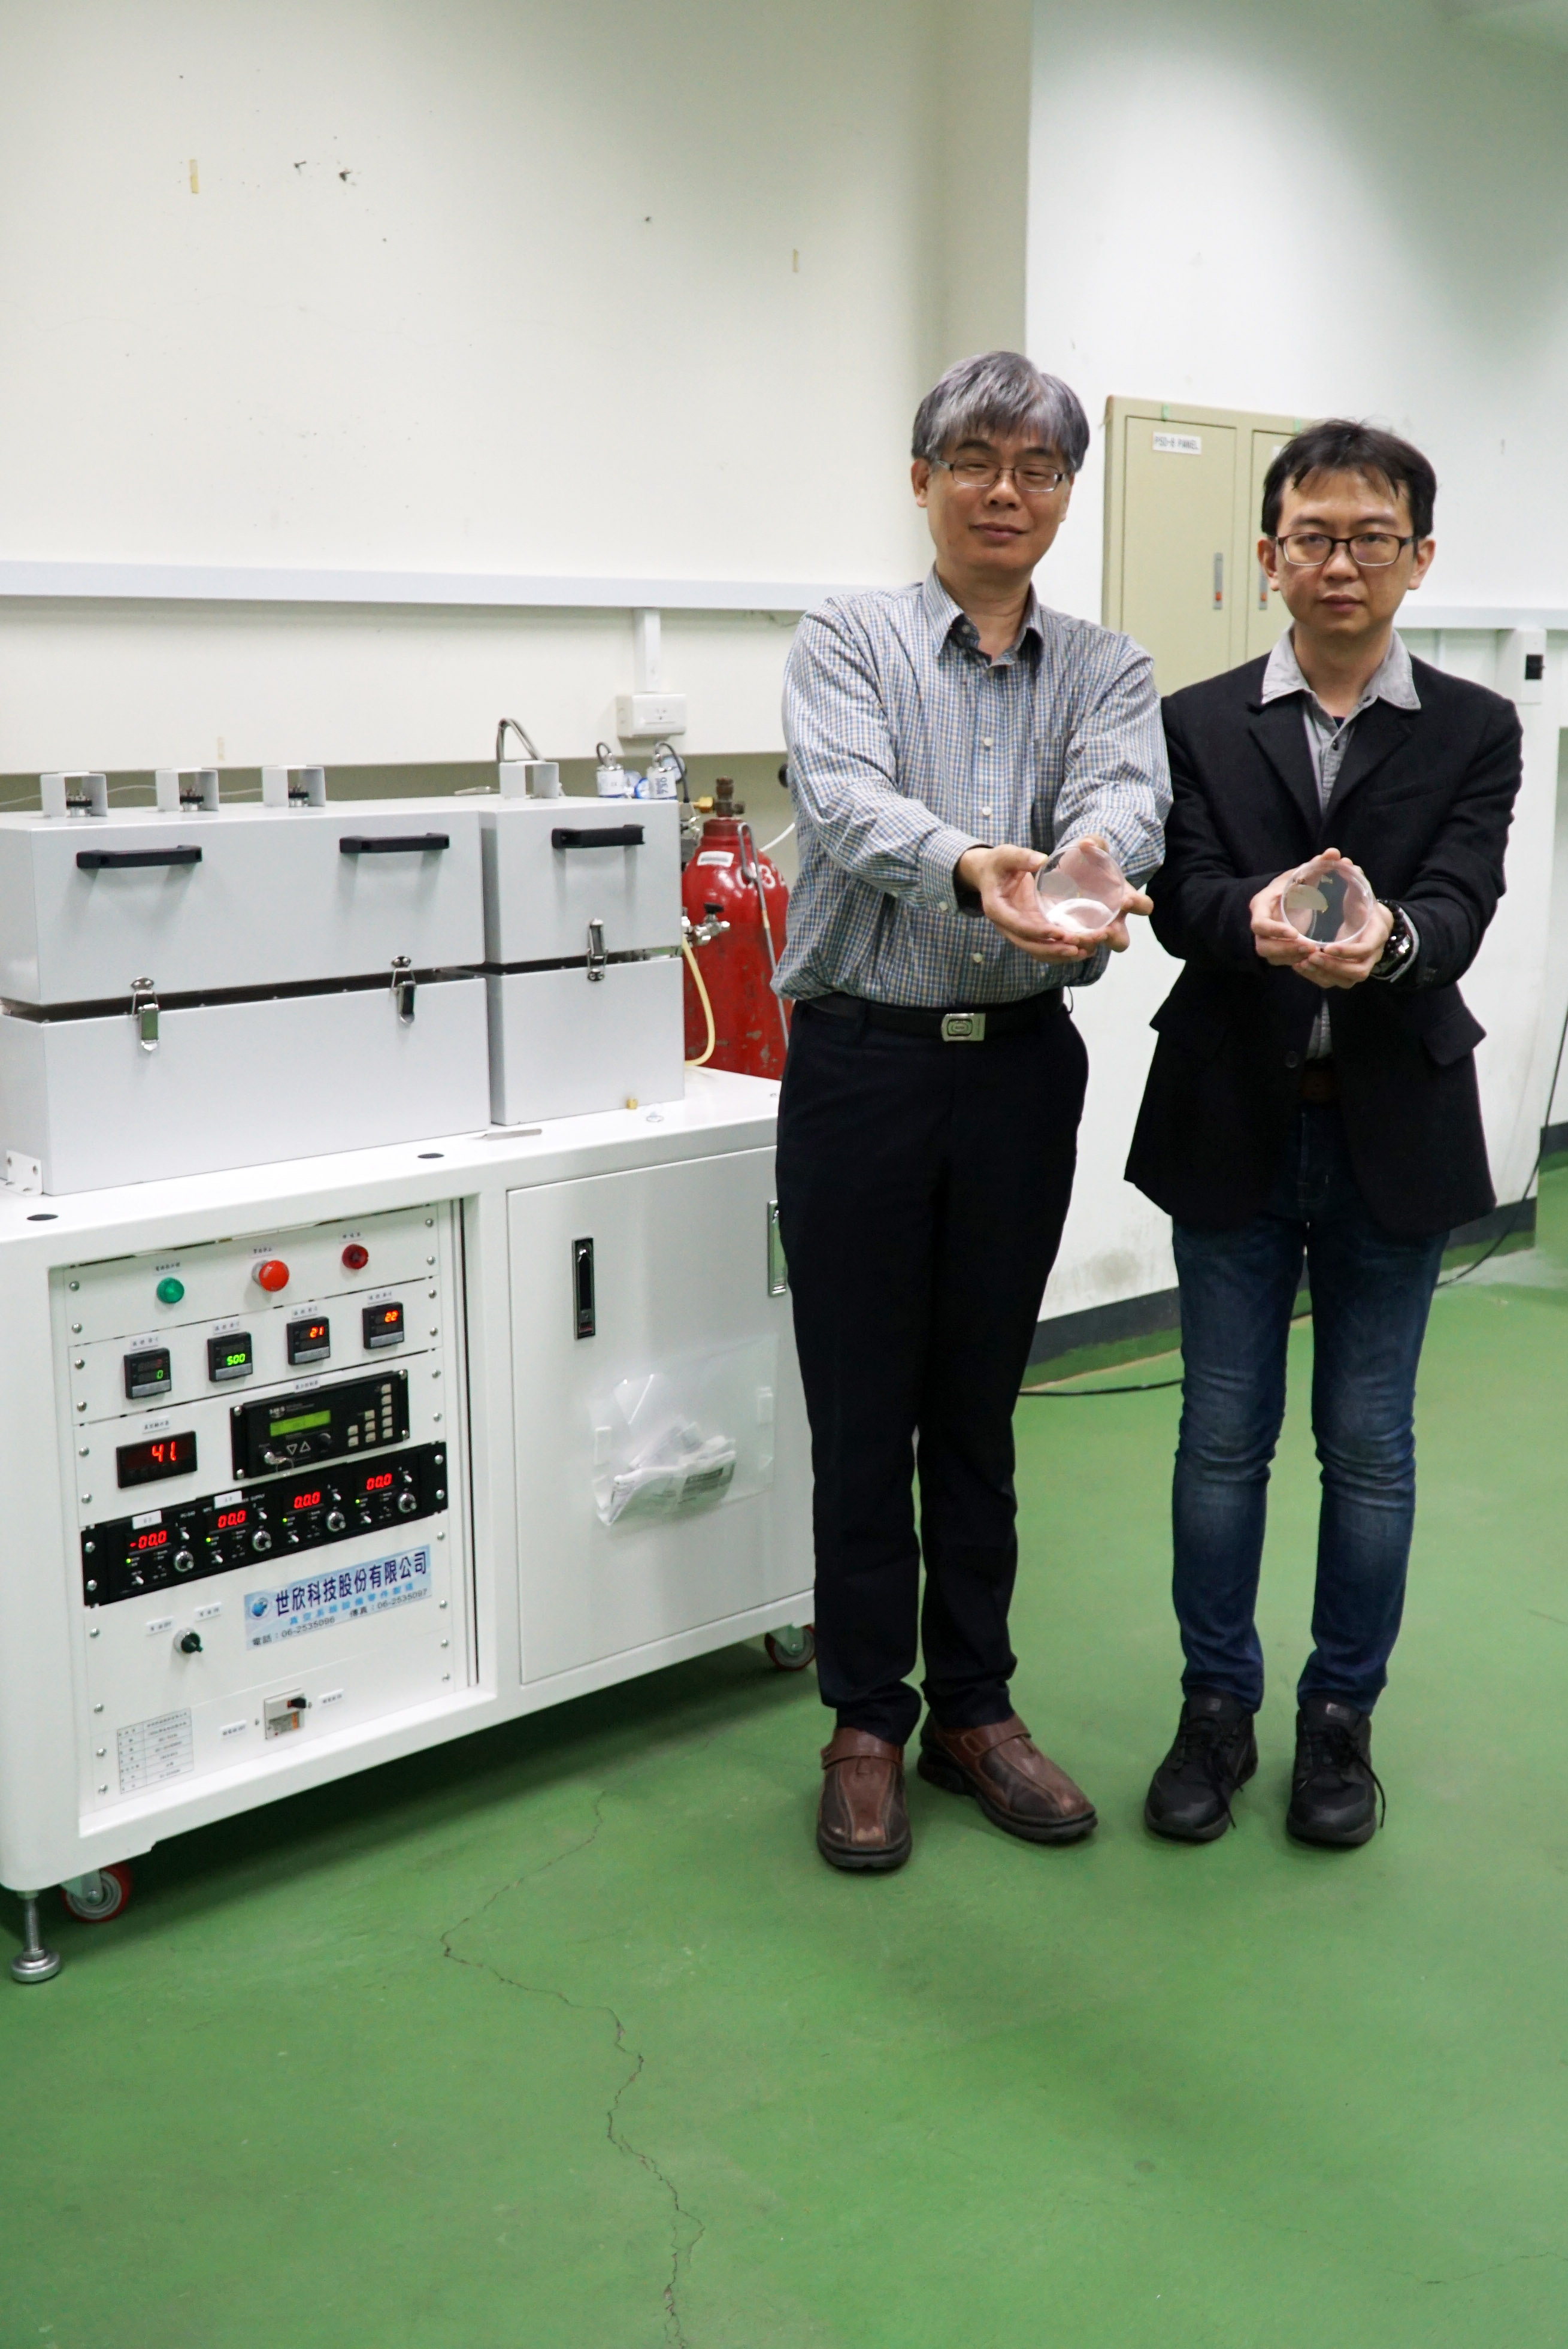 大葉大學醫材學程與台中榮總合作  將研發糖尿病感測元件-二維材料之丙酮氣體感測器應用於糖尿病檢測